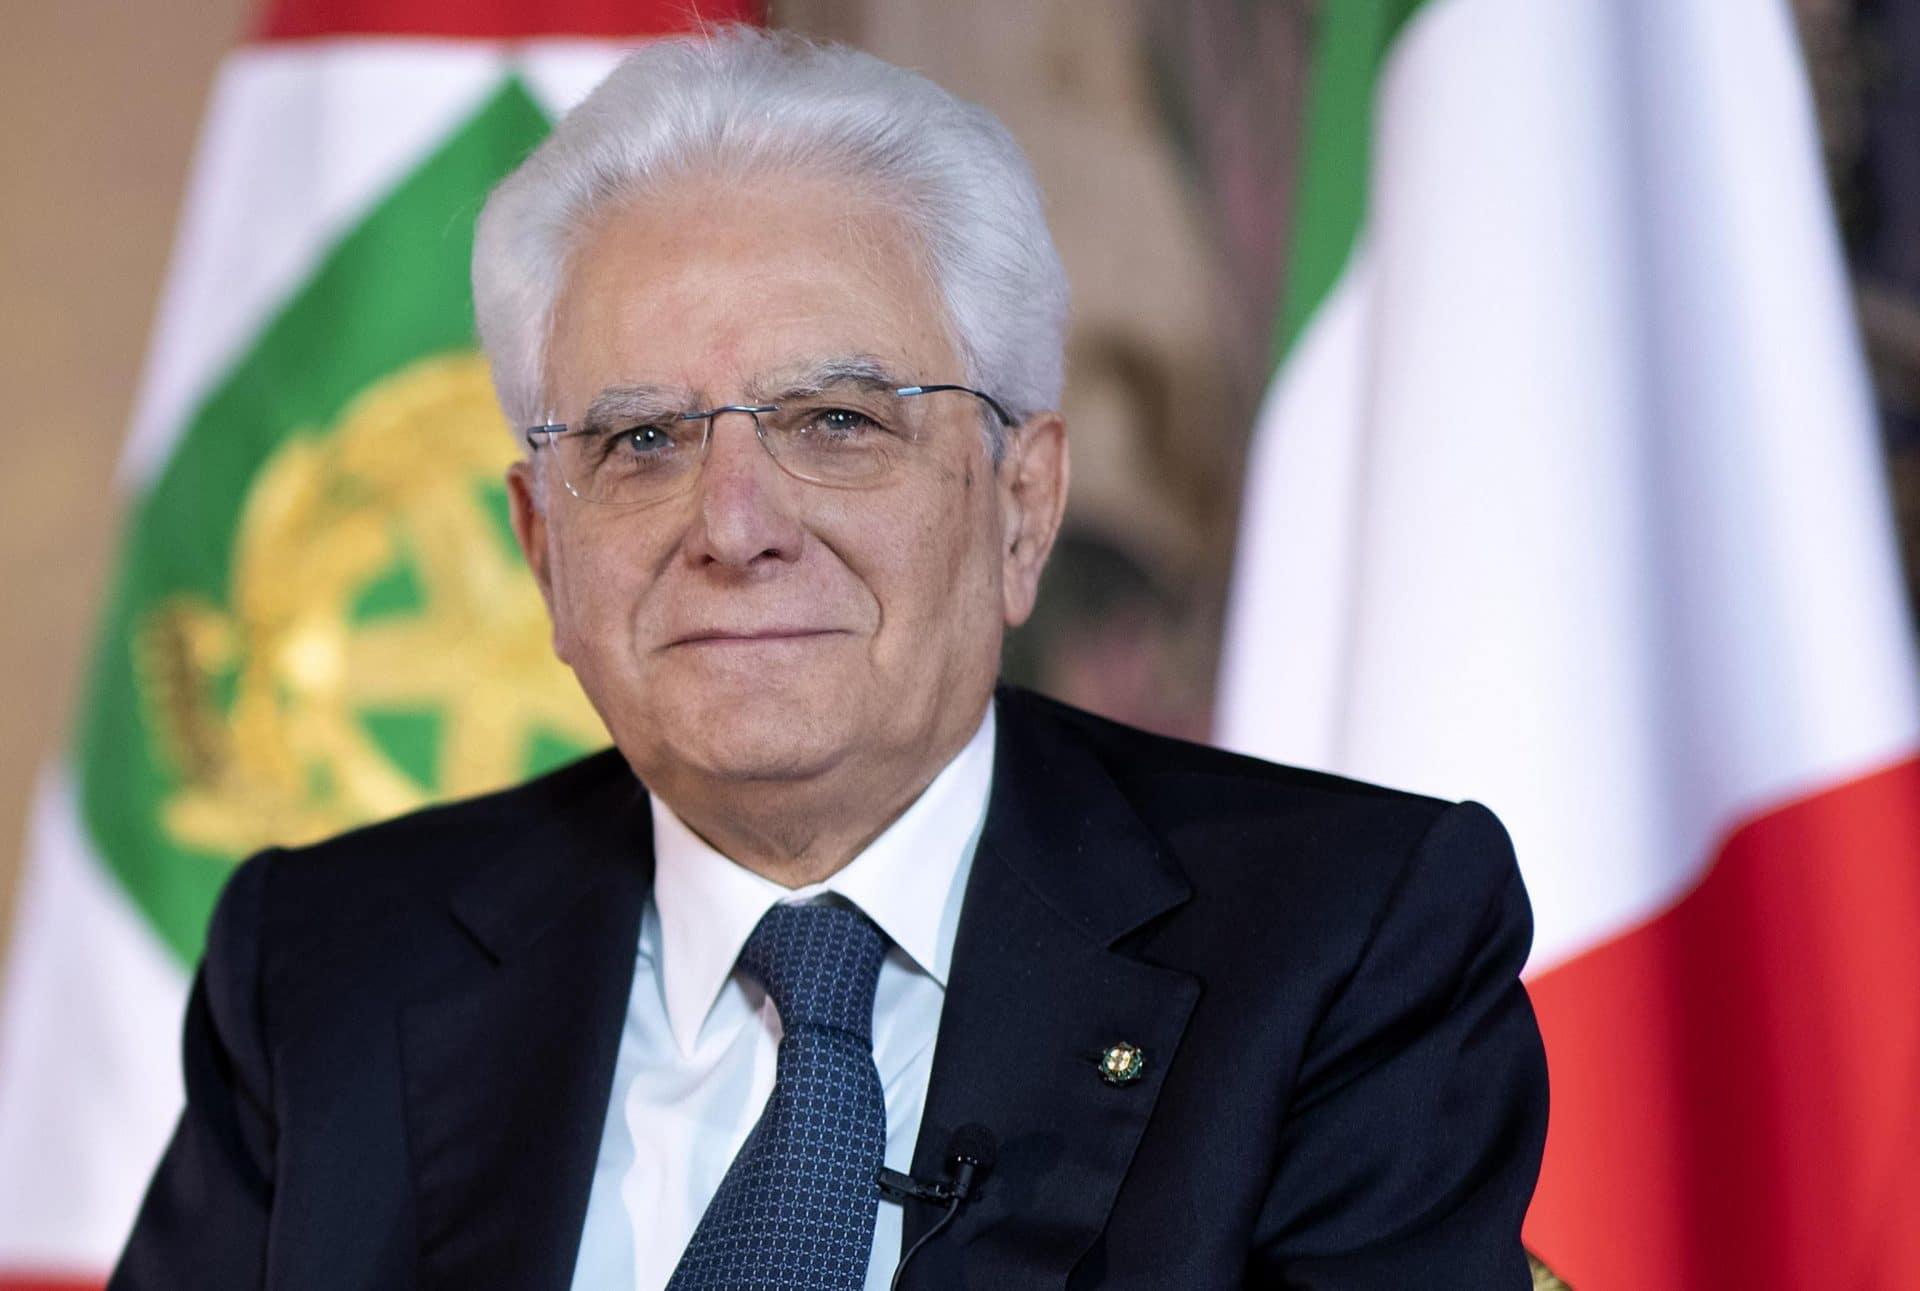 Universiadi Napoli 2019, domani cerimonia di apertura con Mattarella